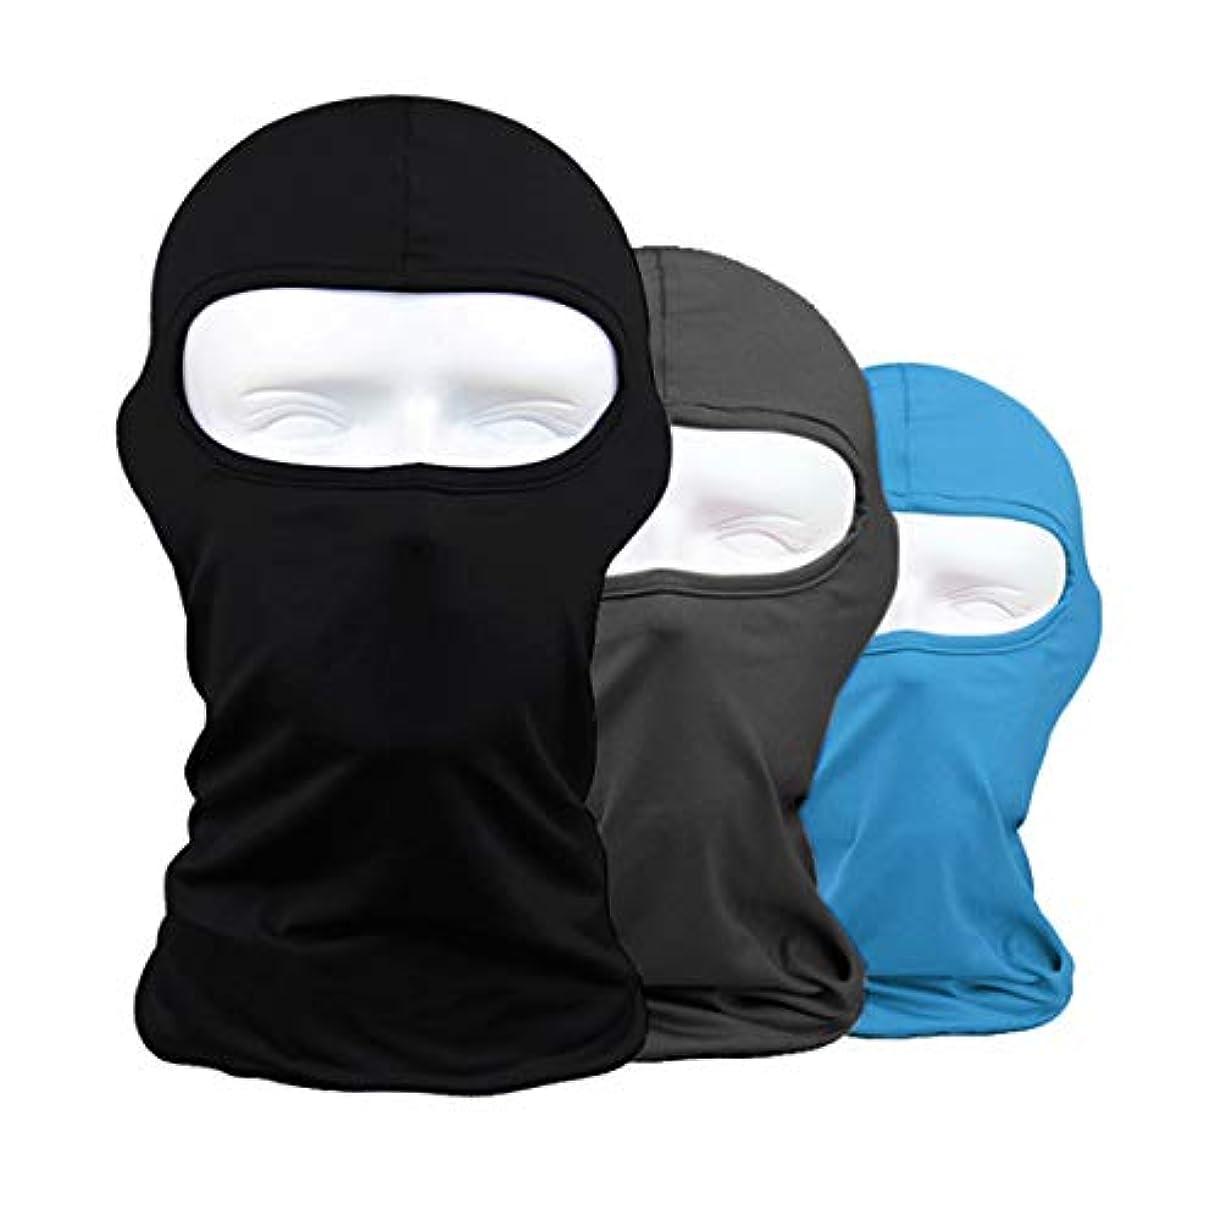 裁判所ポータブルライナーフェイスマスク 通気 速乾 ヘッドウェア ライクラ生地 目だし帽 バラクラバ 保温 UVカット,ブラック + グレー + ブルー,3枚